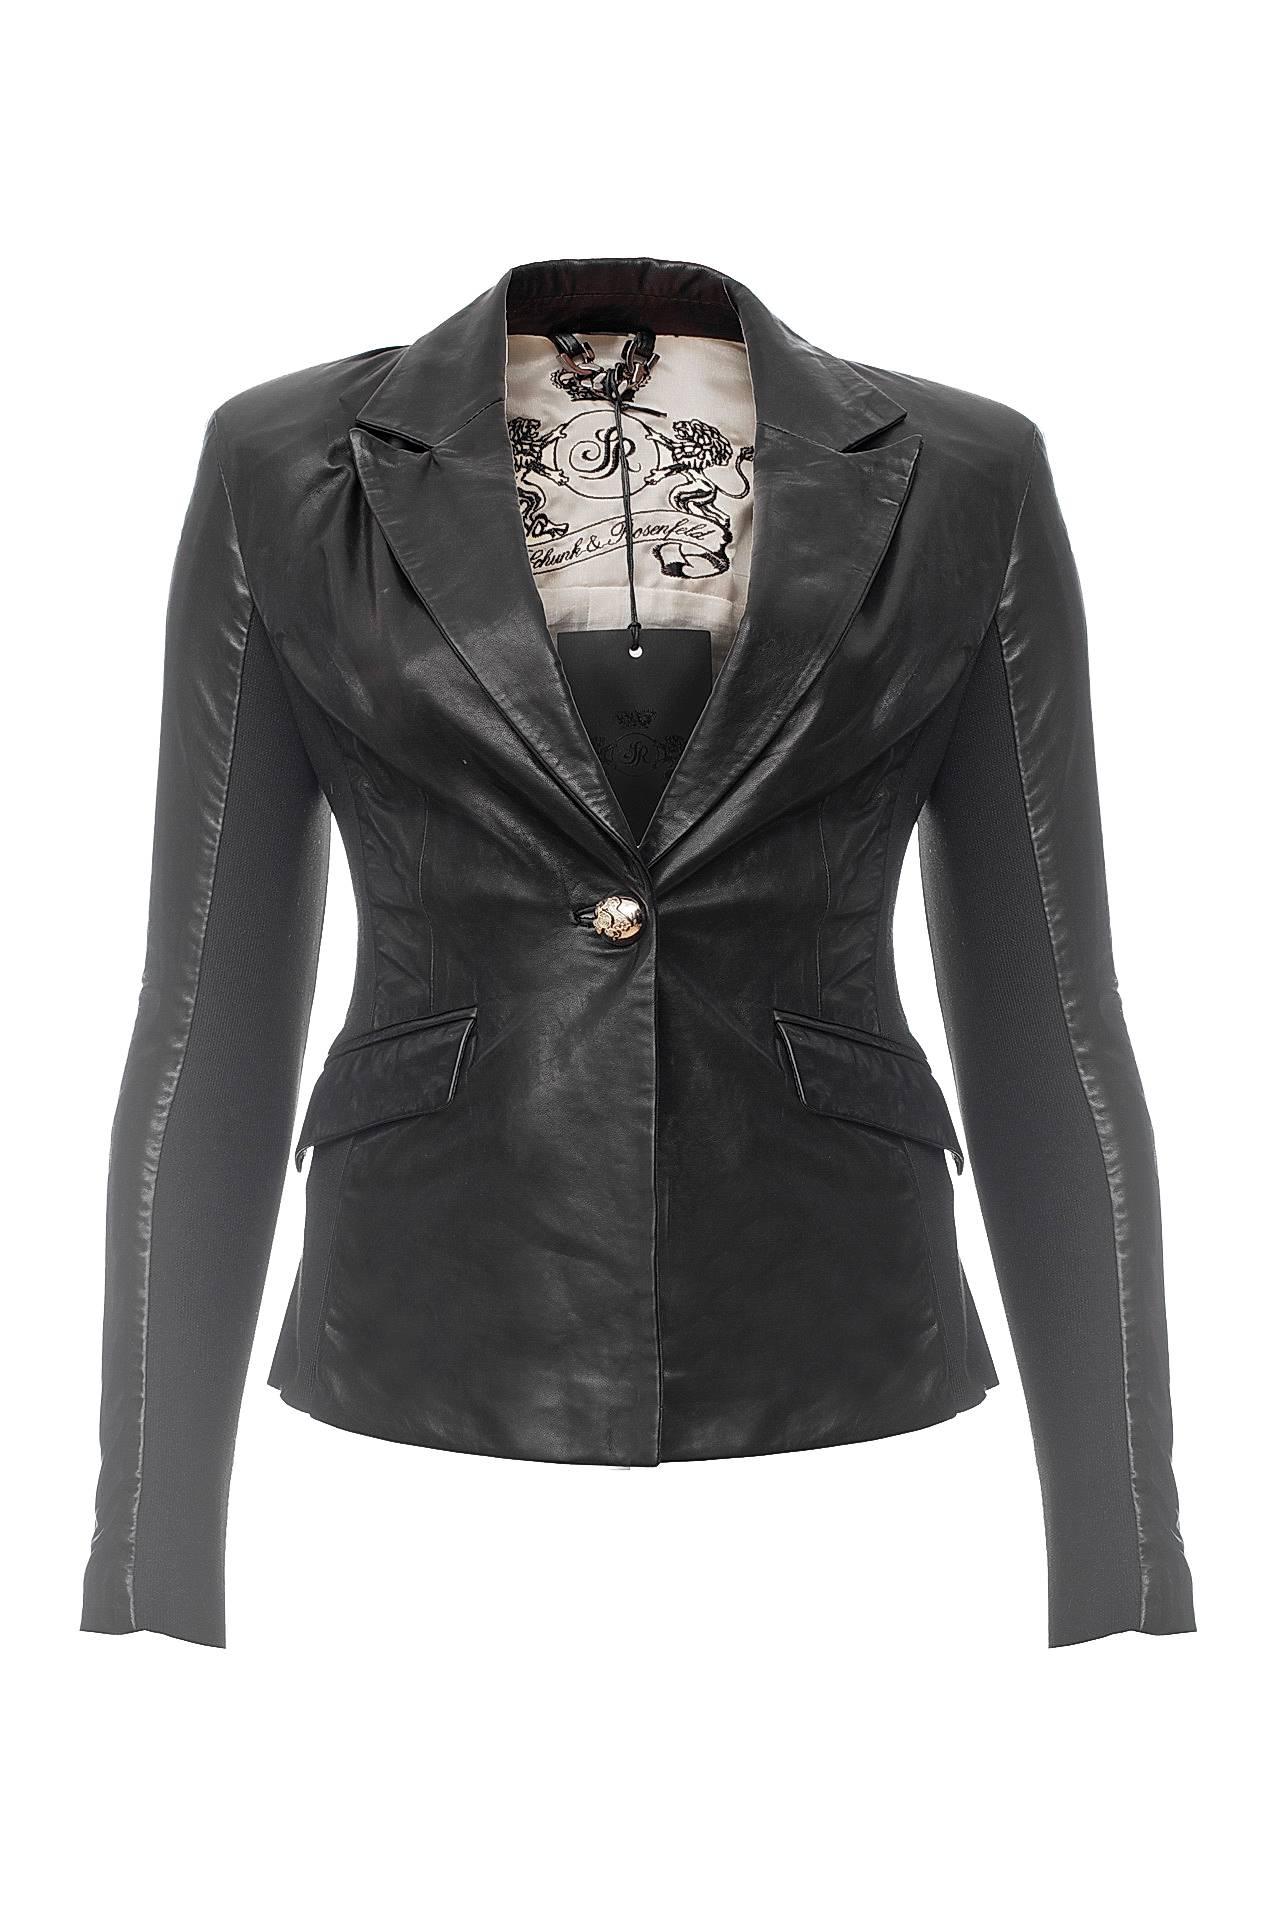 Пиджак ROSENFELD купить кожаный пиджак